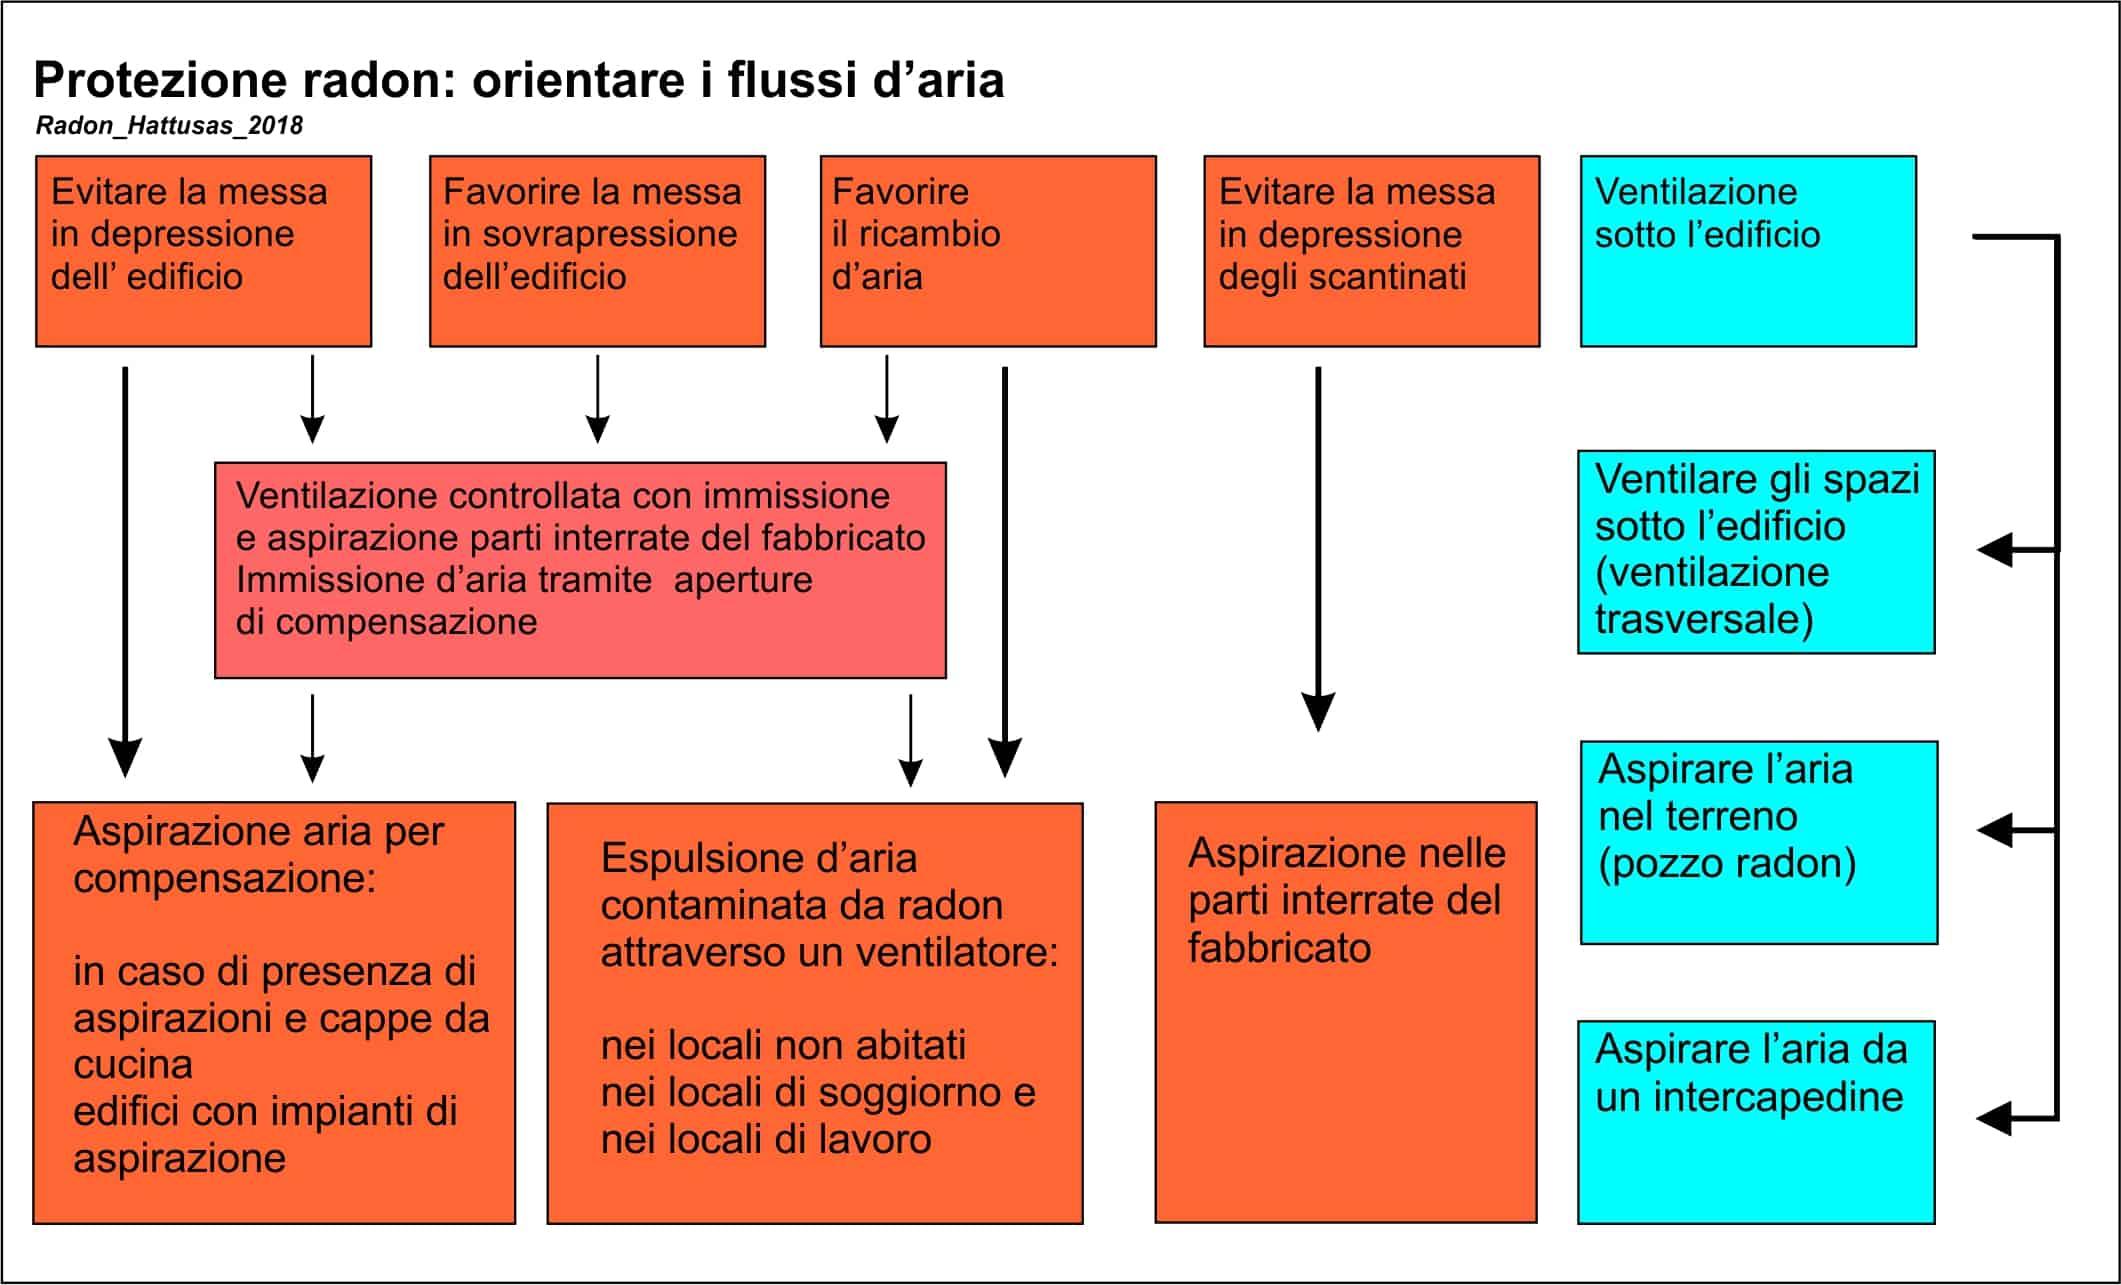 Hattusas - Radon - Tecniche di Risanamento e Bonifica - orientare i flussi d'aria